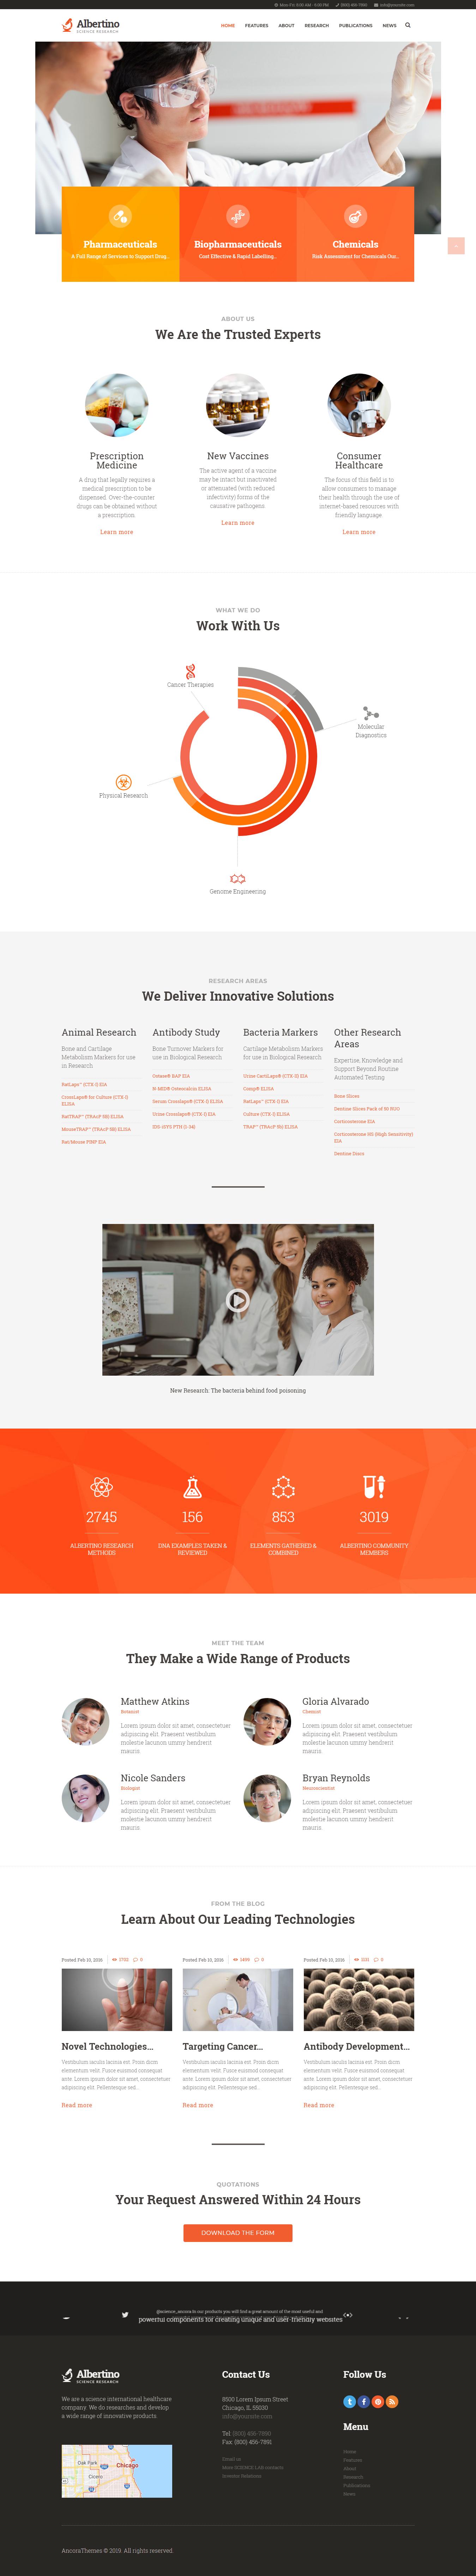 albertino best premium science wordpress theme - 10+ Best Premium Science WordPress Themes